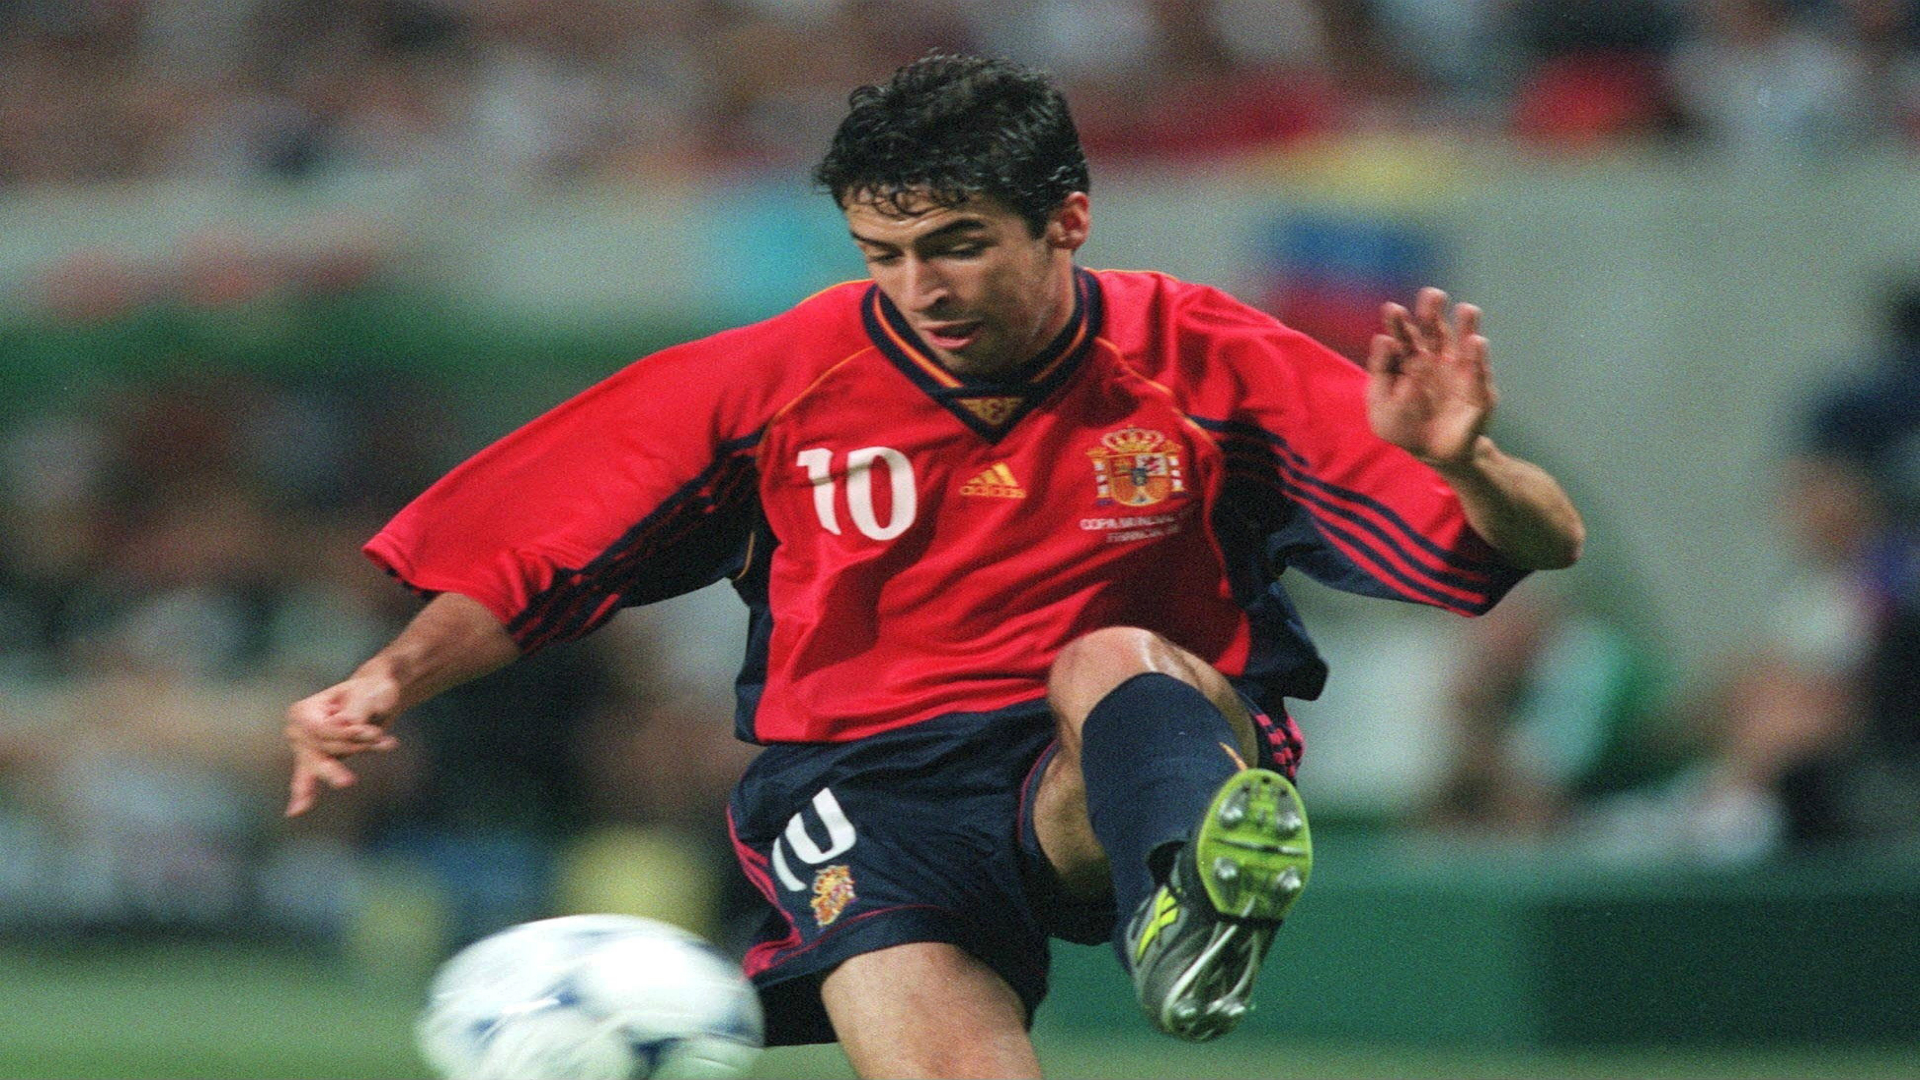 Raul Spain